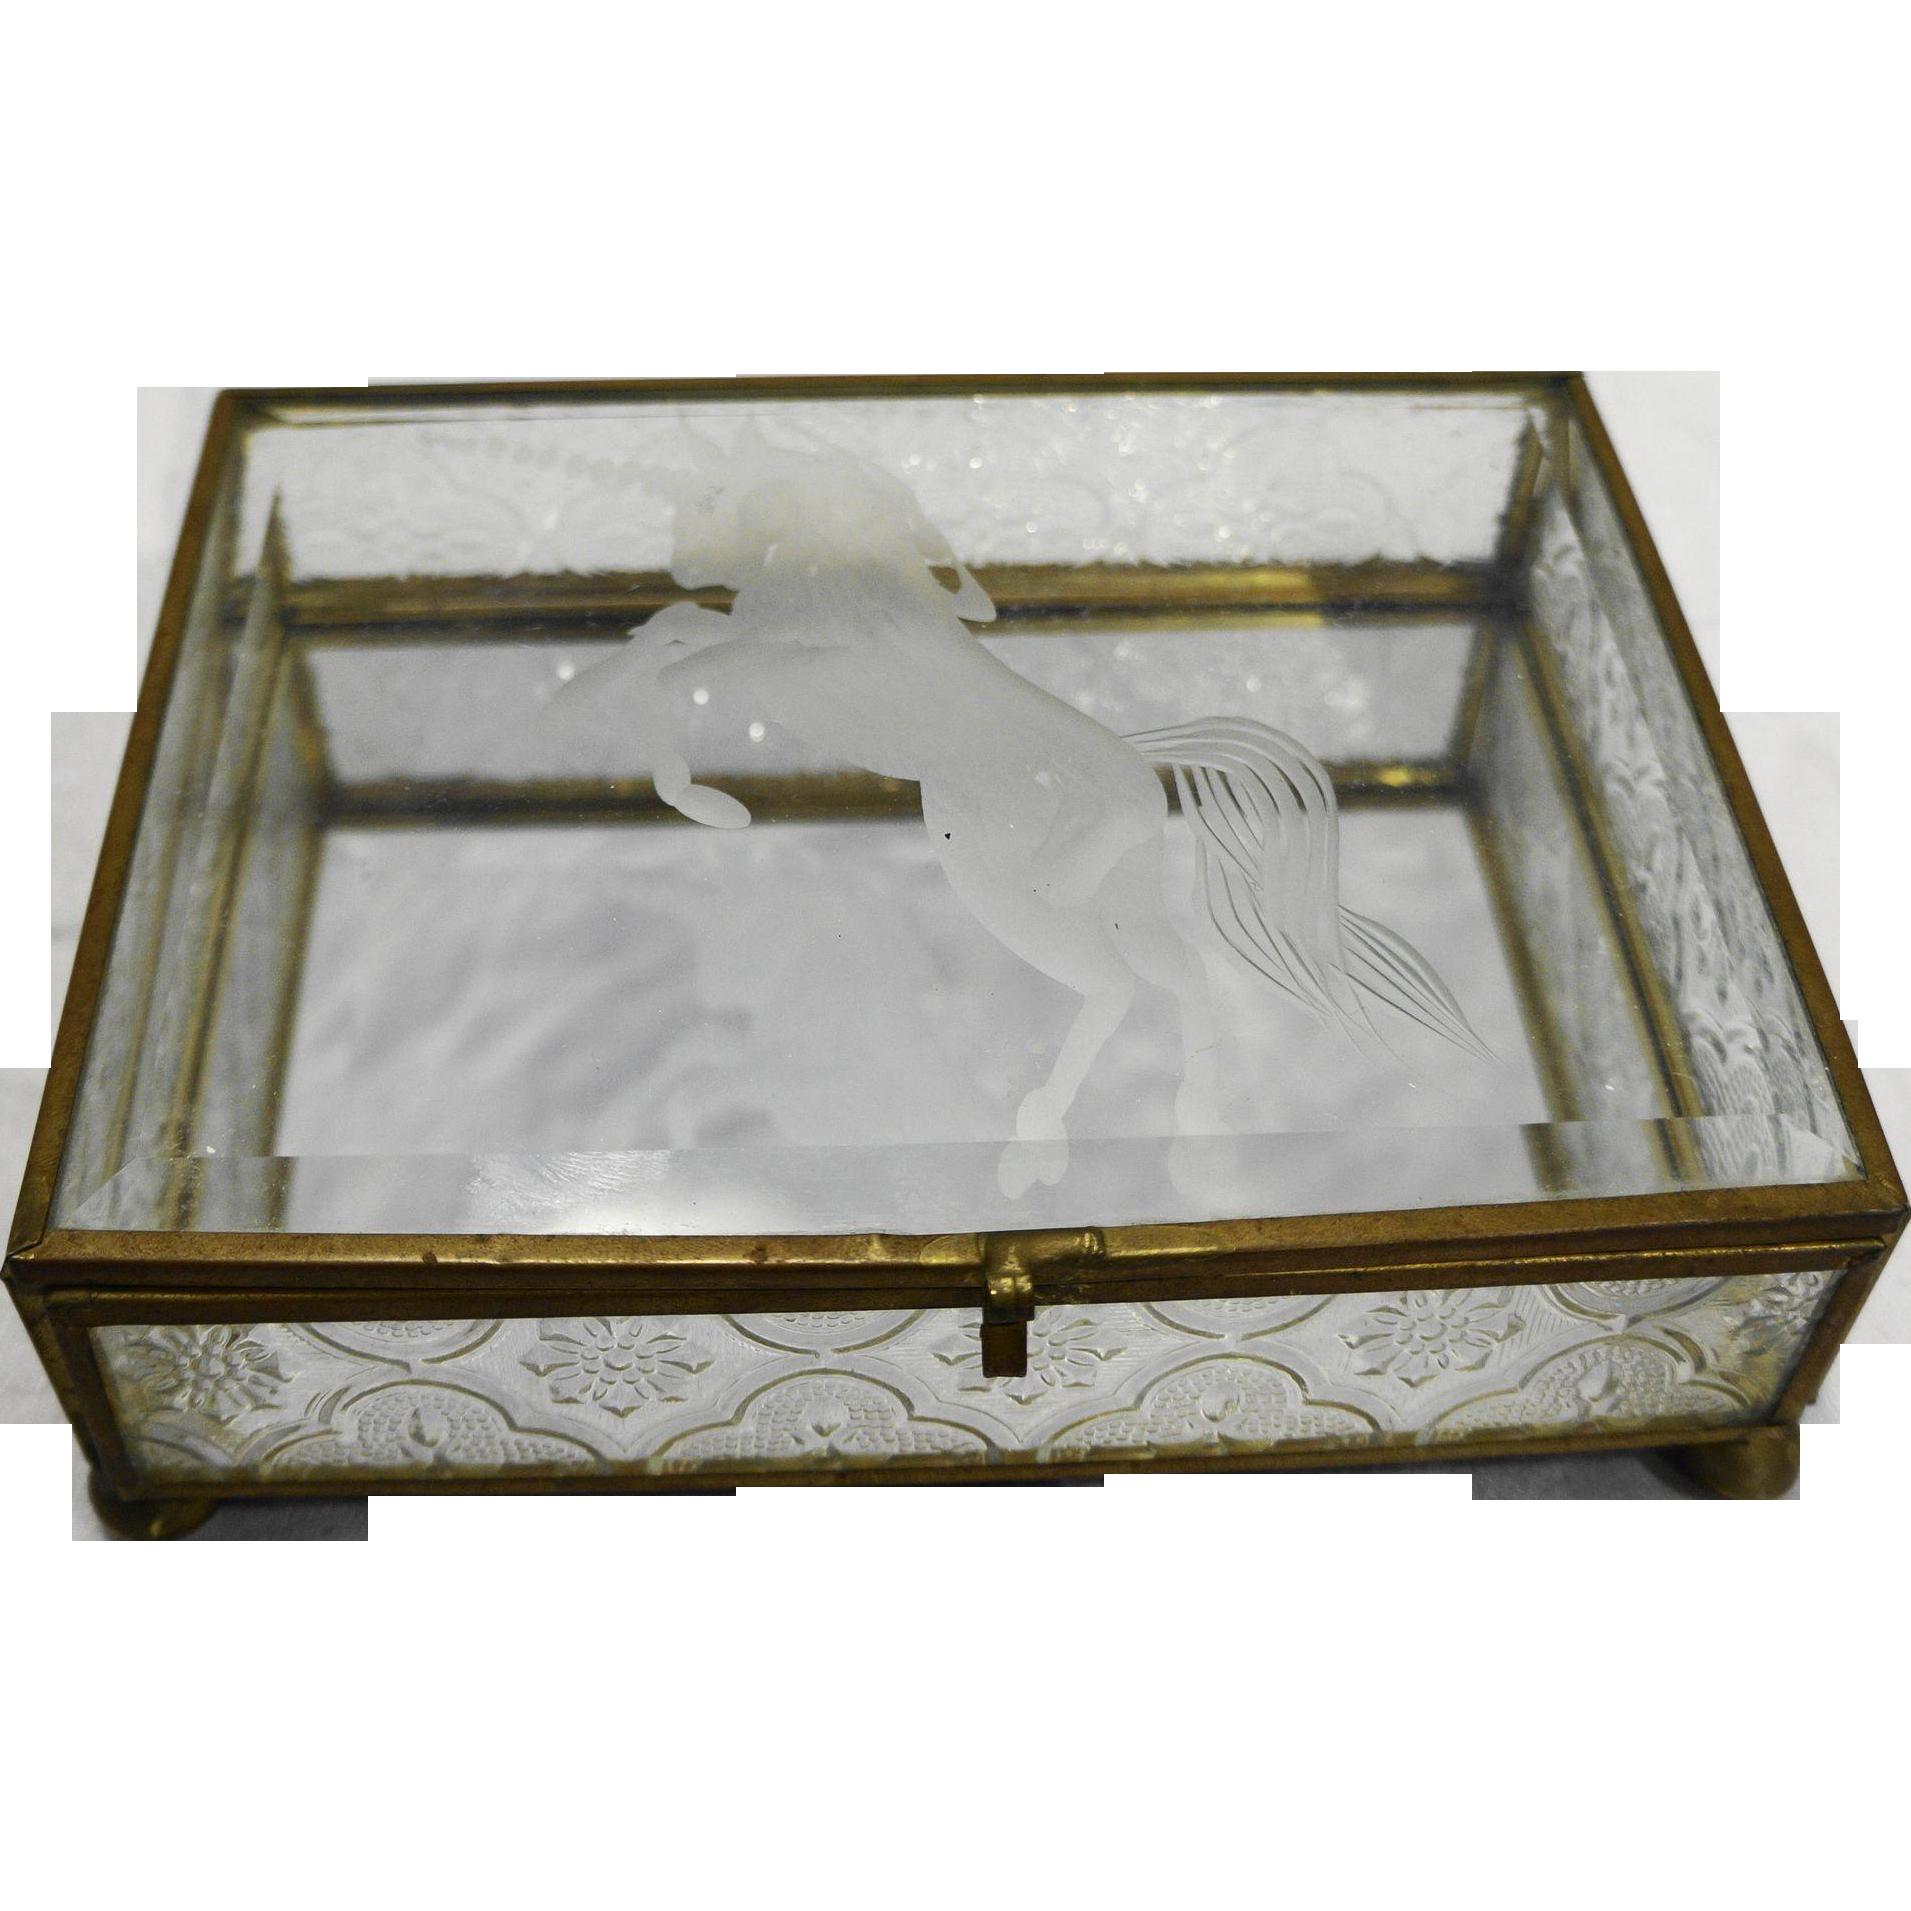 Etched Glass Unicorn Dresser Casket Trinket Jewelry Box